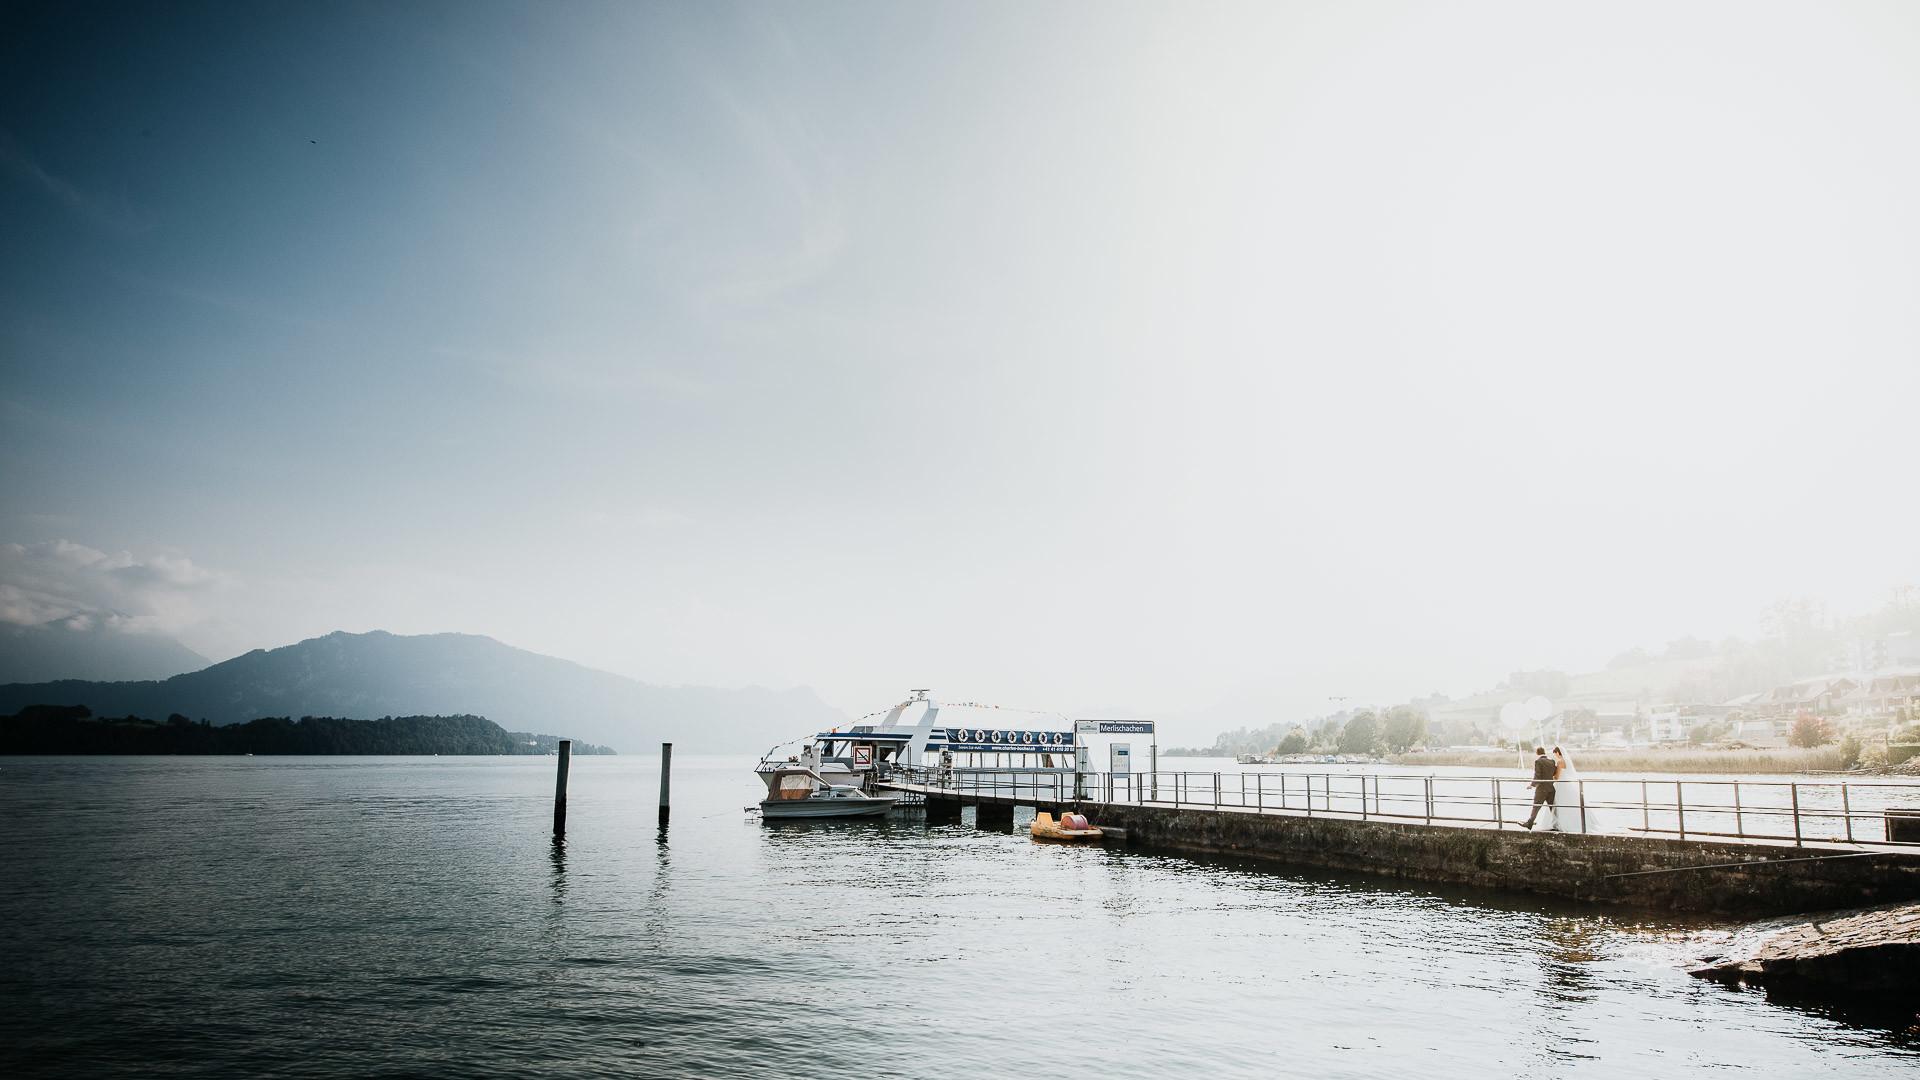 Unterwegs zur Schifffahrt - Hochzeitsfotograf